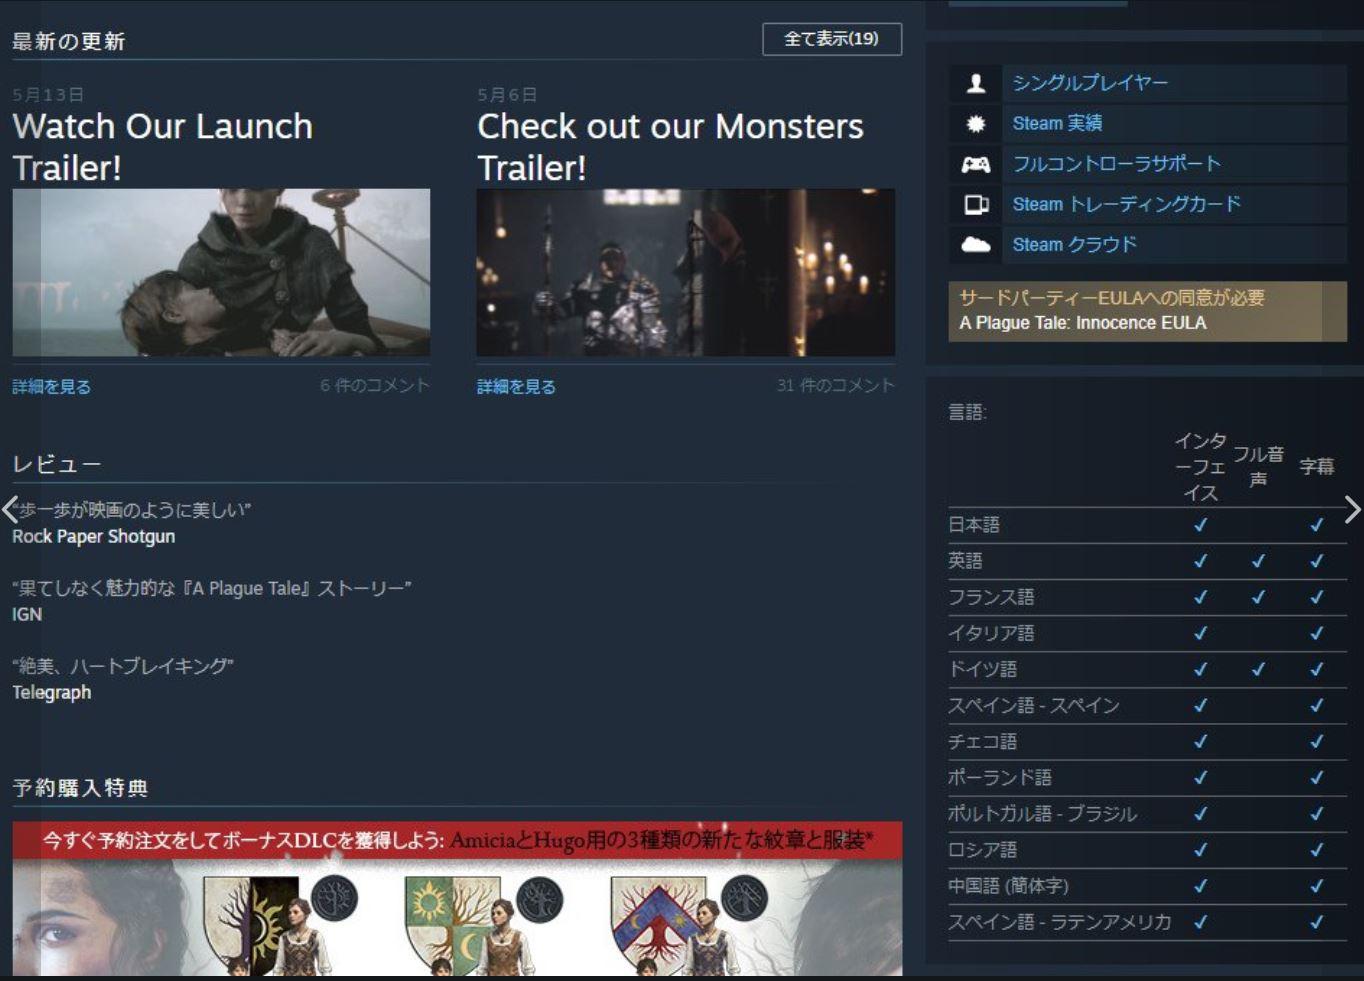 Steam版ねずみ5000匹 日本語対応として予約を受け付けながらも発売直前に日本語削除で非難の嵐 一体どこからの圧力なのか?